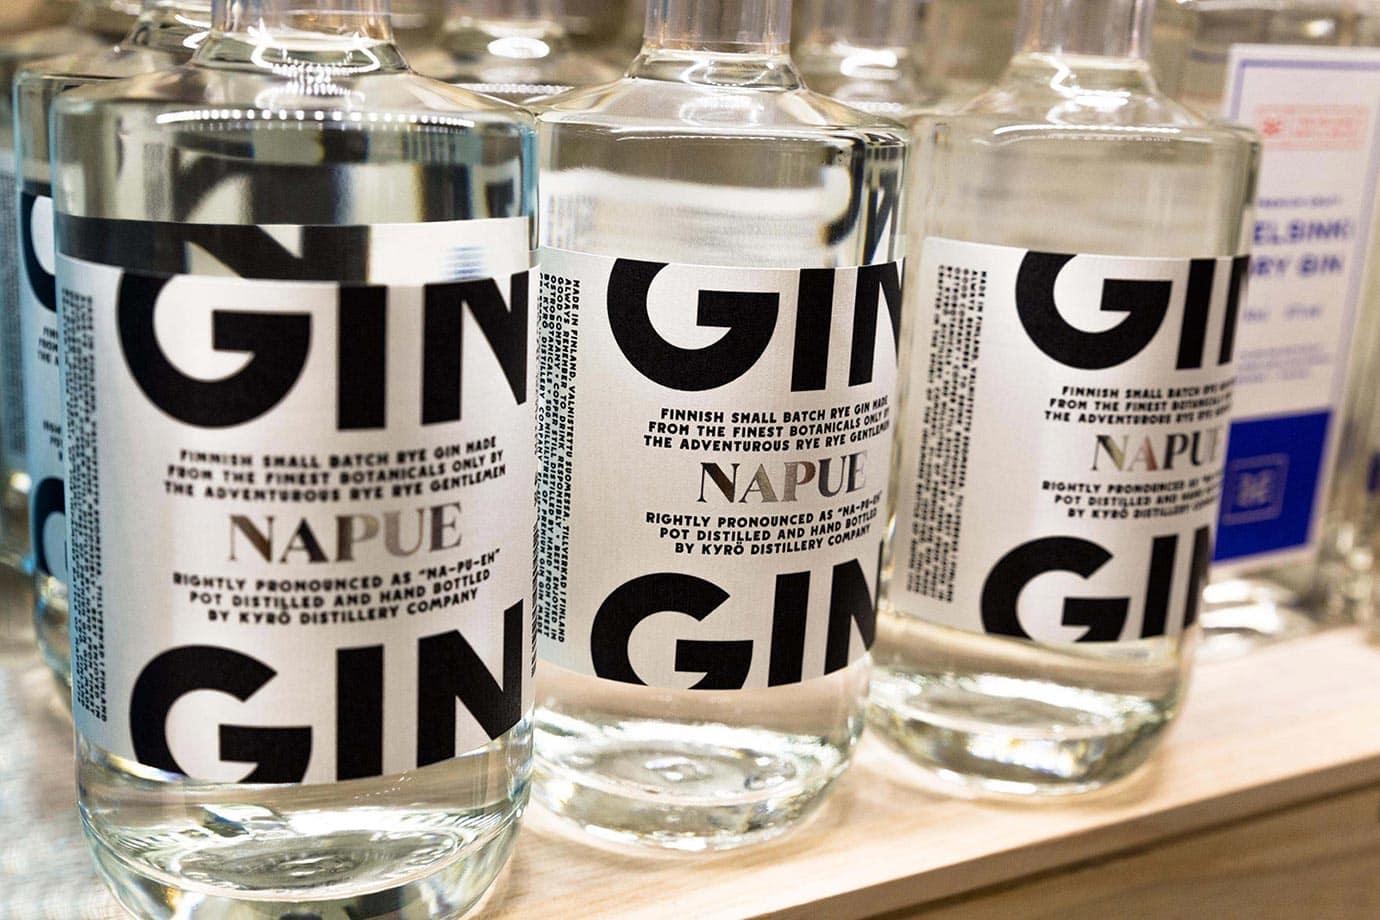 Finnish gin